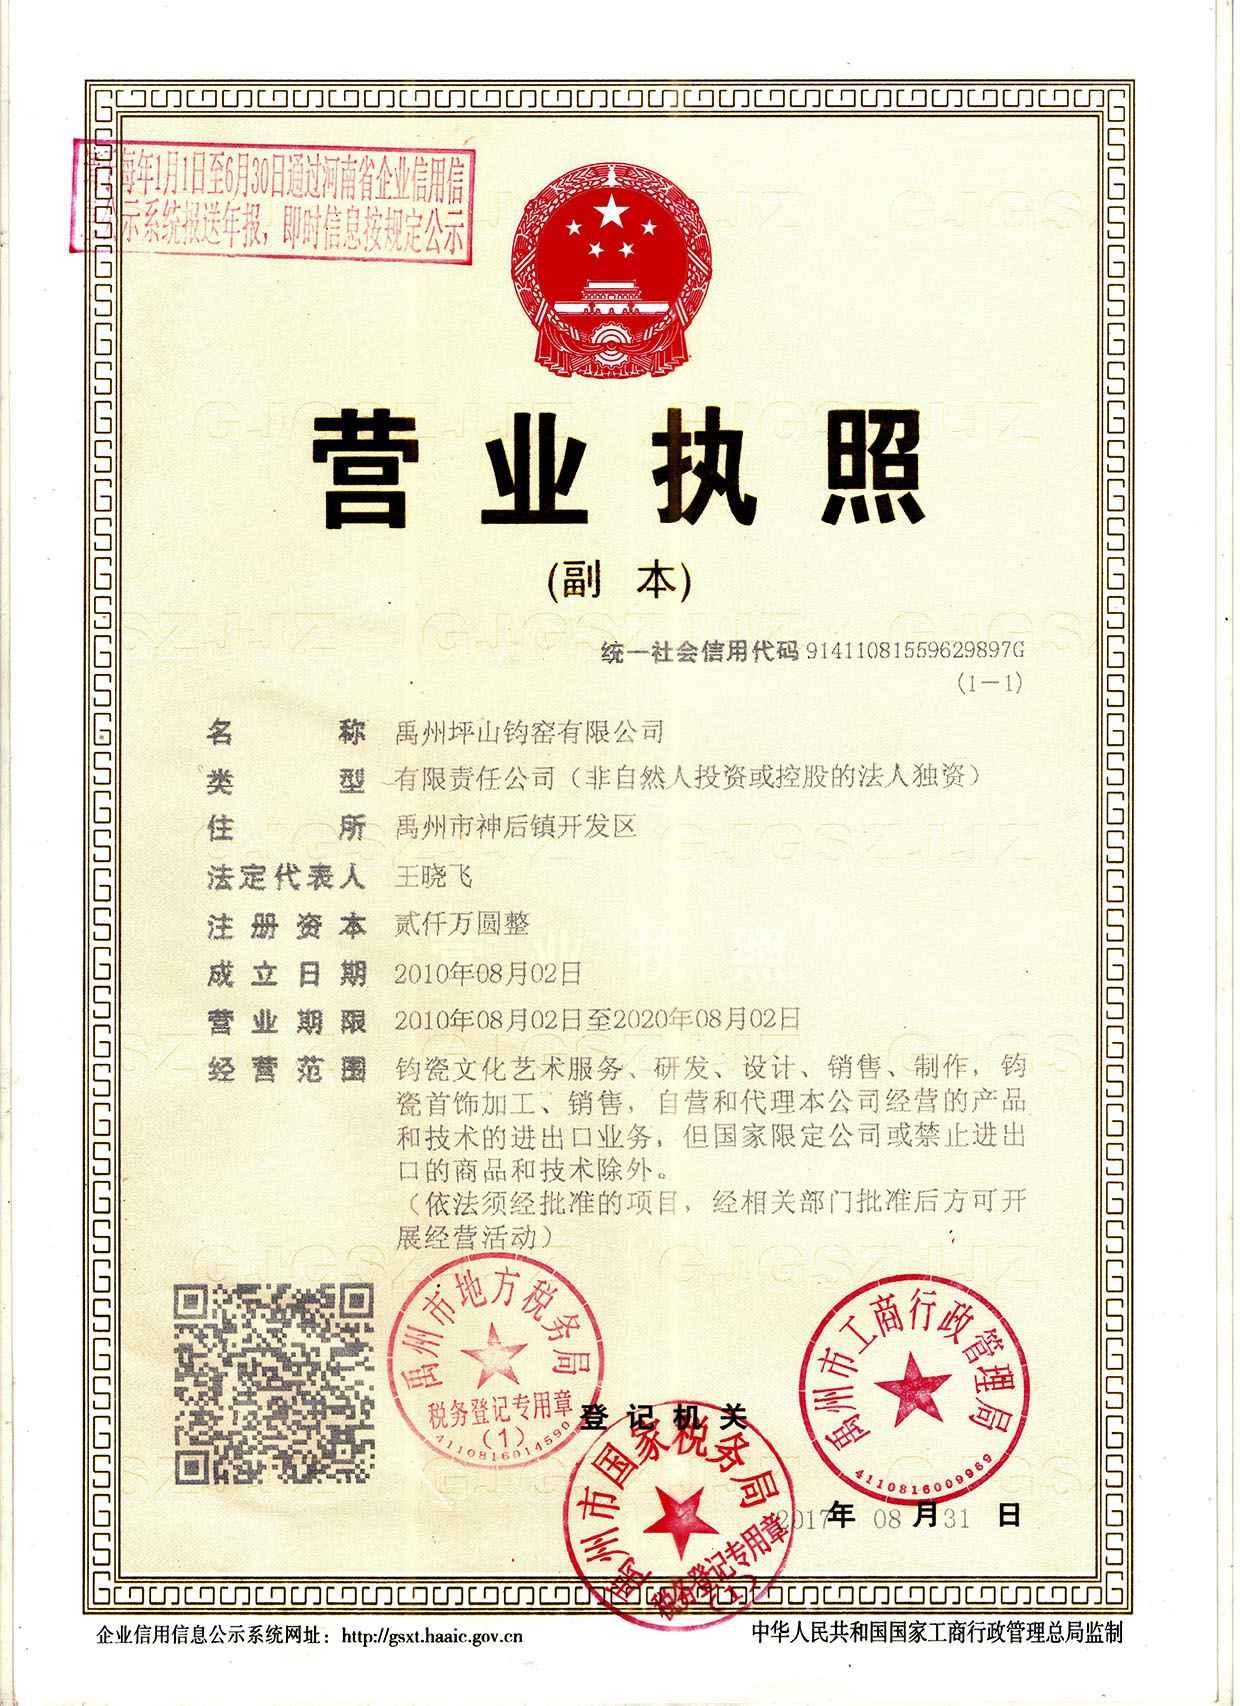 禹州坪山钧窑有限公司